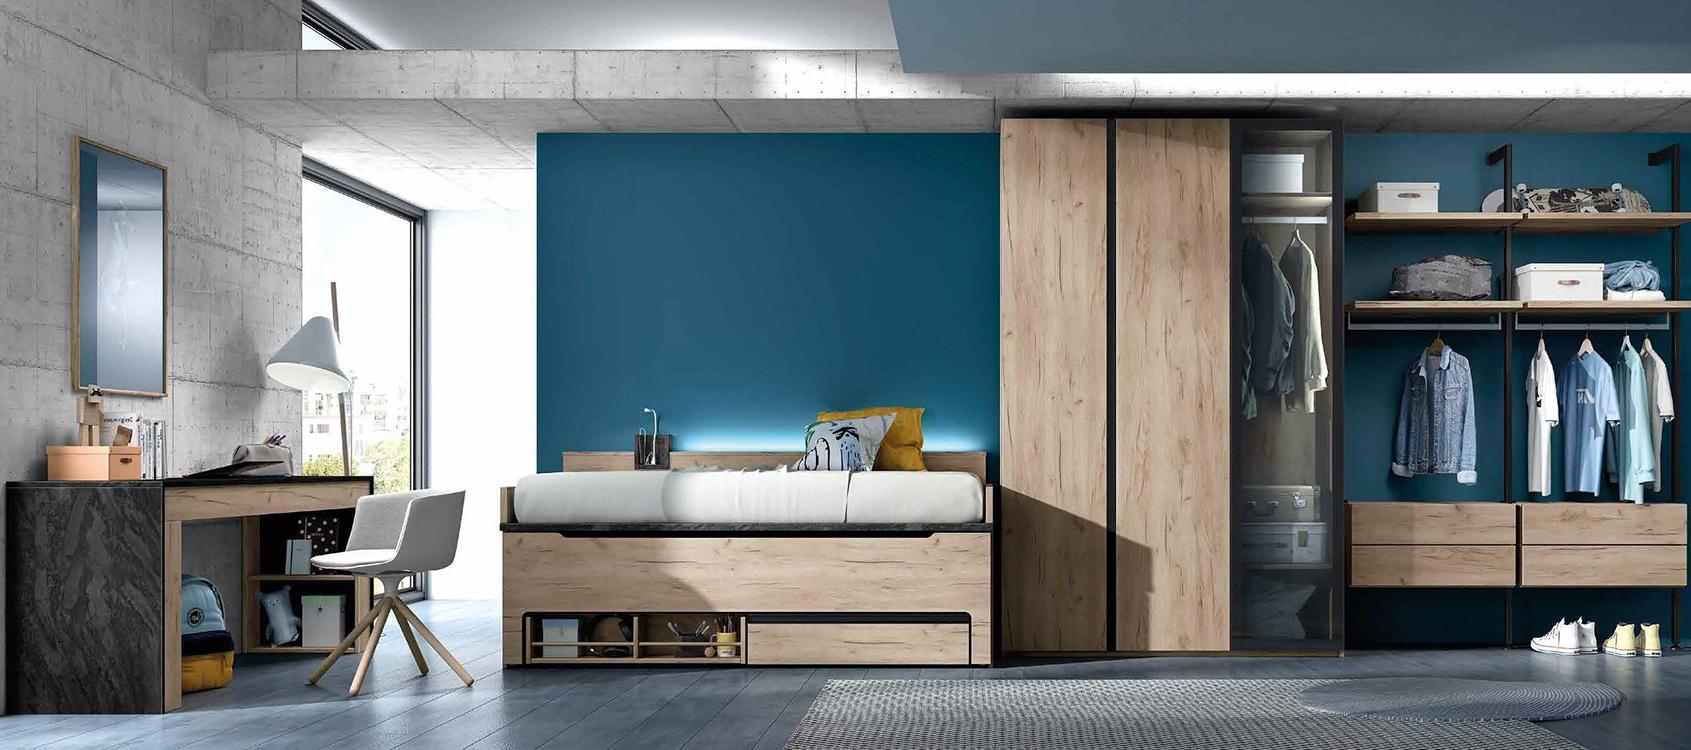 Habitaciones juveniles con cama abatible - Habitaciones de estudio ...